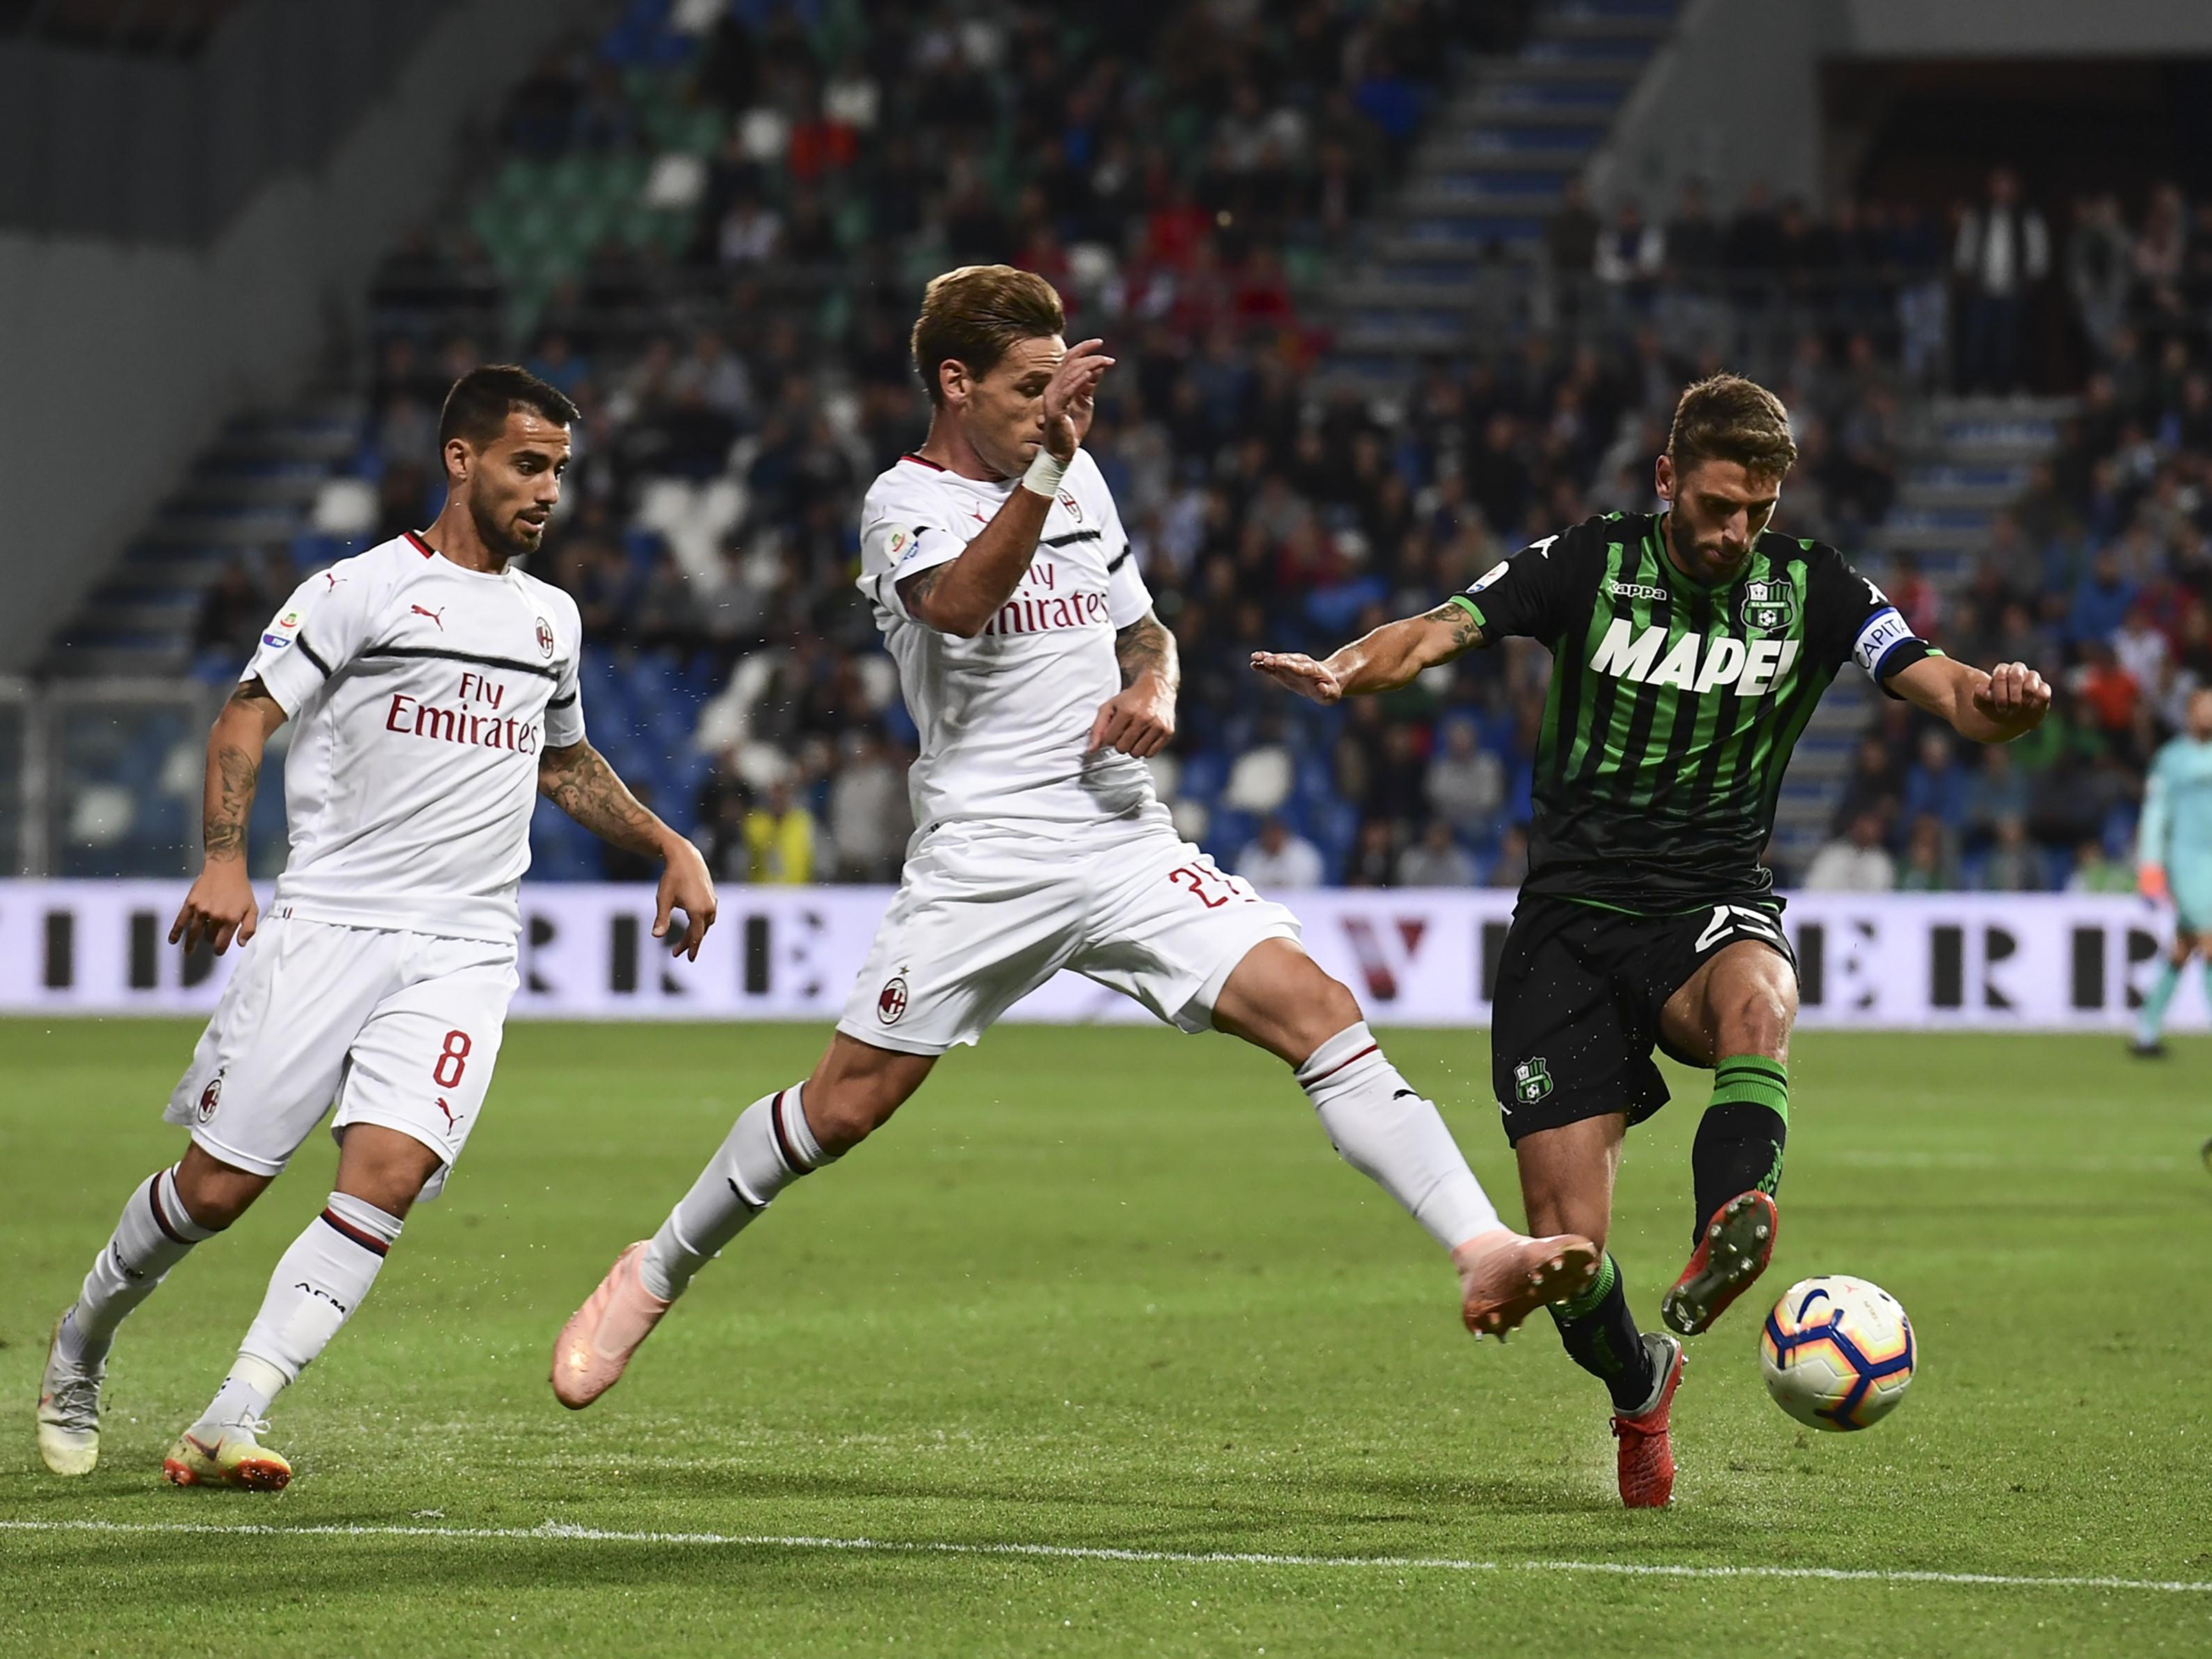 Suso et Lucas Biglia au duel avec Domenico Berardi lors de Sassuolo-AC Milan / Serie A